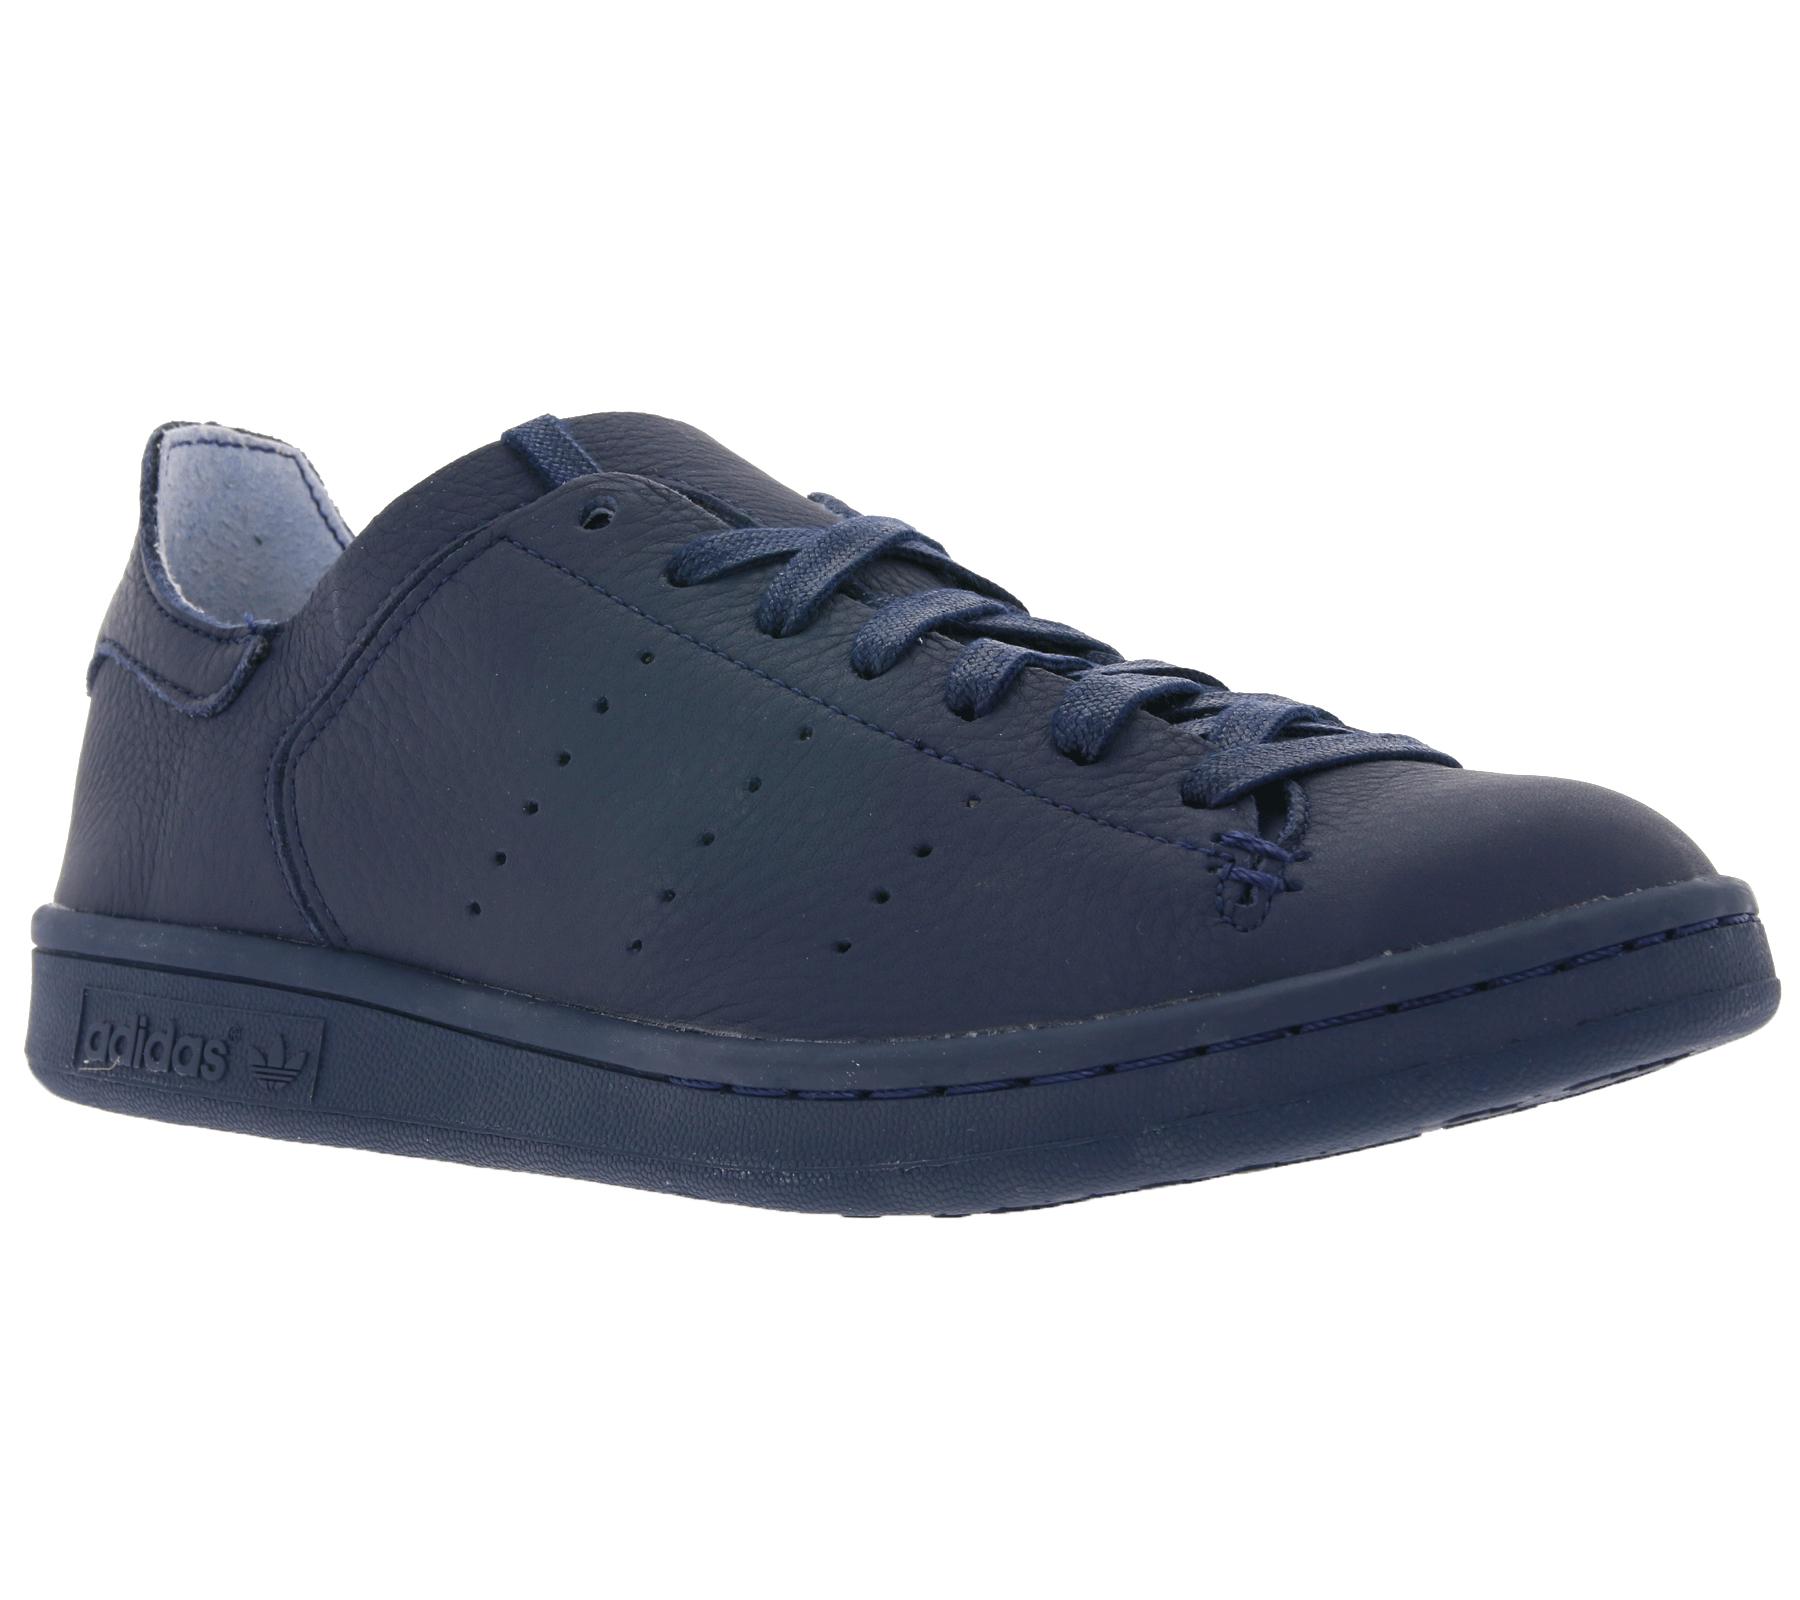 new concept 6d8d2 a32cc adidas Women's Sneaker Original Stan Smith Lea Sock Genuine Leather Shoes  Blue | Outlet46.de - B2B